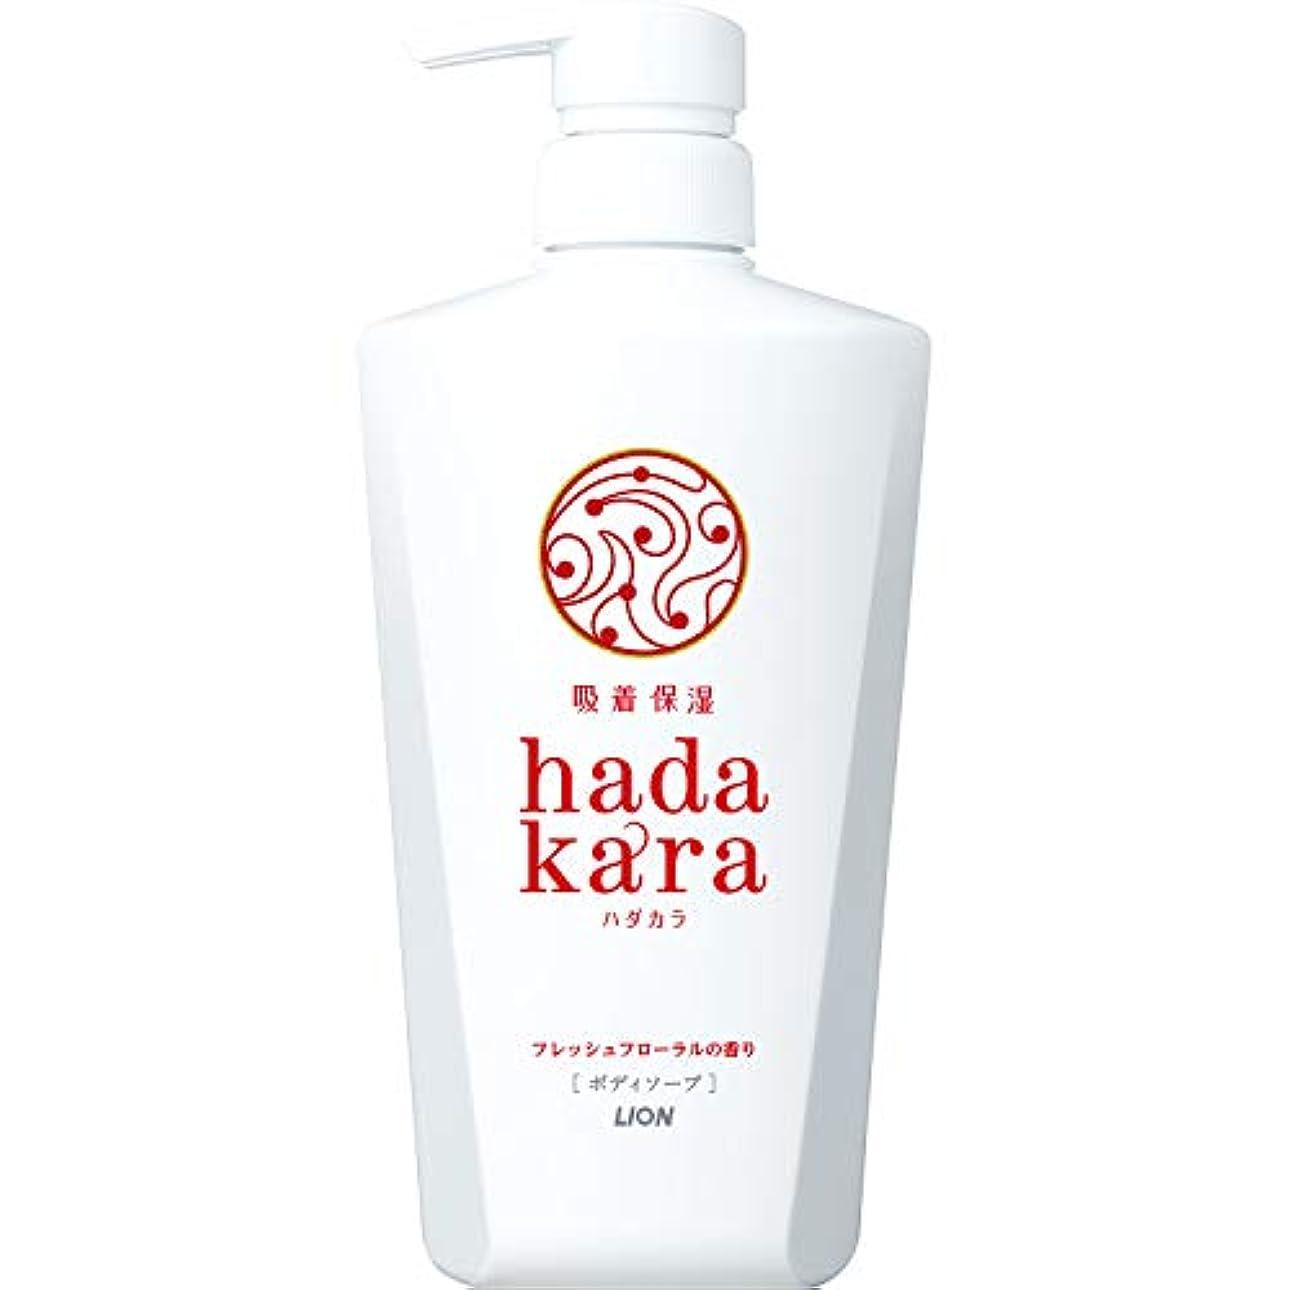 増強恐れ甘くするhadakara(ハダカラ) ボディソープ フローラルブーケの香り 本体 500ml